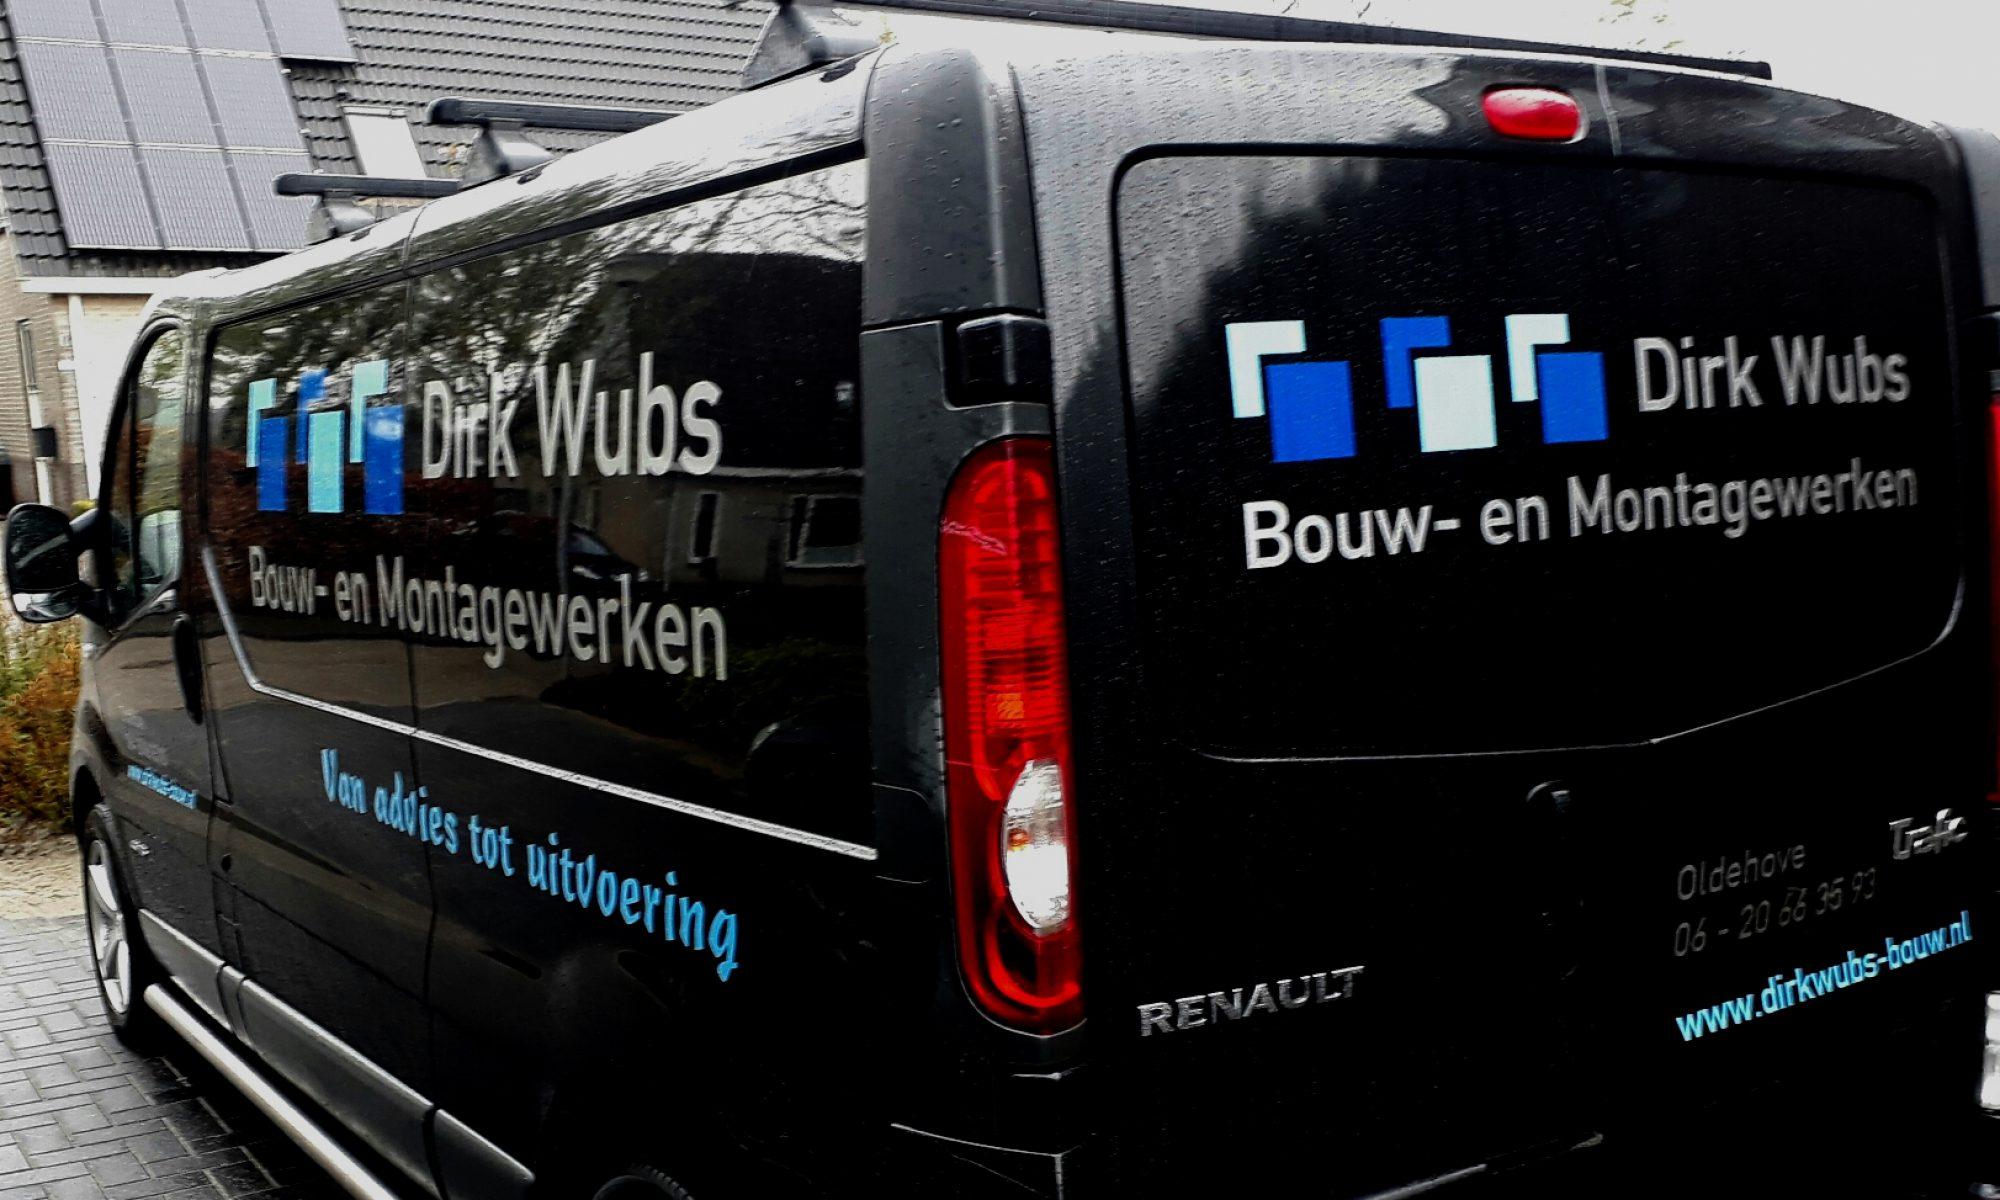 Dirk Wubs Bouw- en Montagewerken